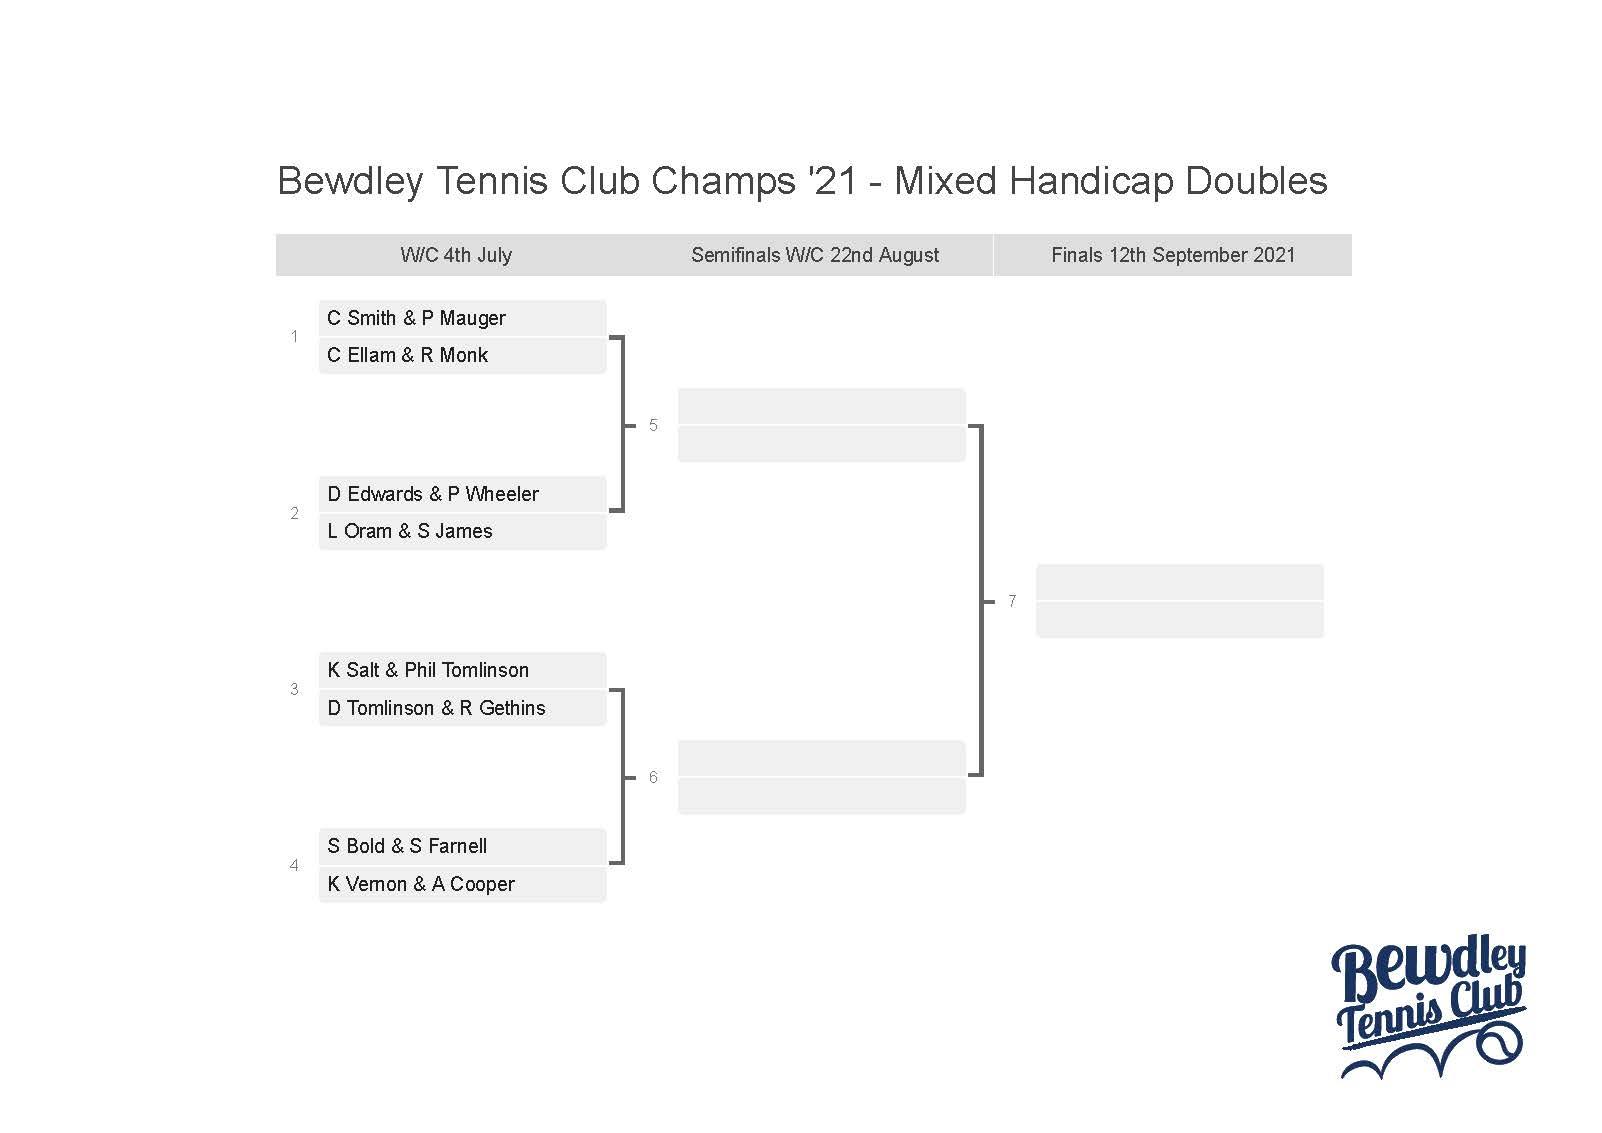 https://bewdleytennisclub.org.uk/wp-content/uploads/2021/07/Mixed-Handicap-Doubles.jpg